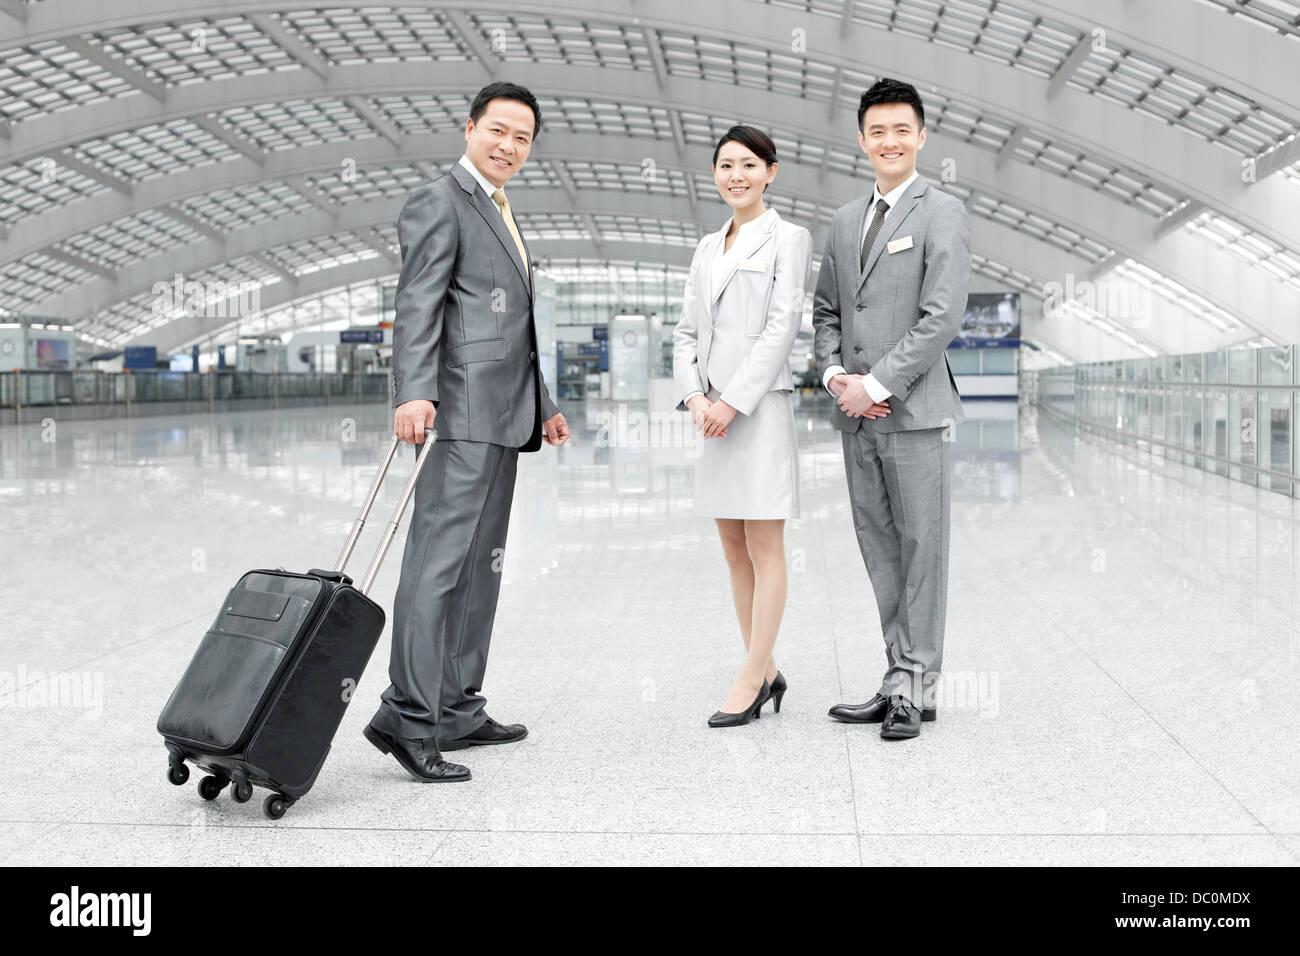 Les jeunes partenaires d'affaires avec des étiquettes à l'aéroport d'accueil Photo Stock